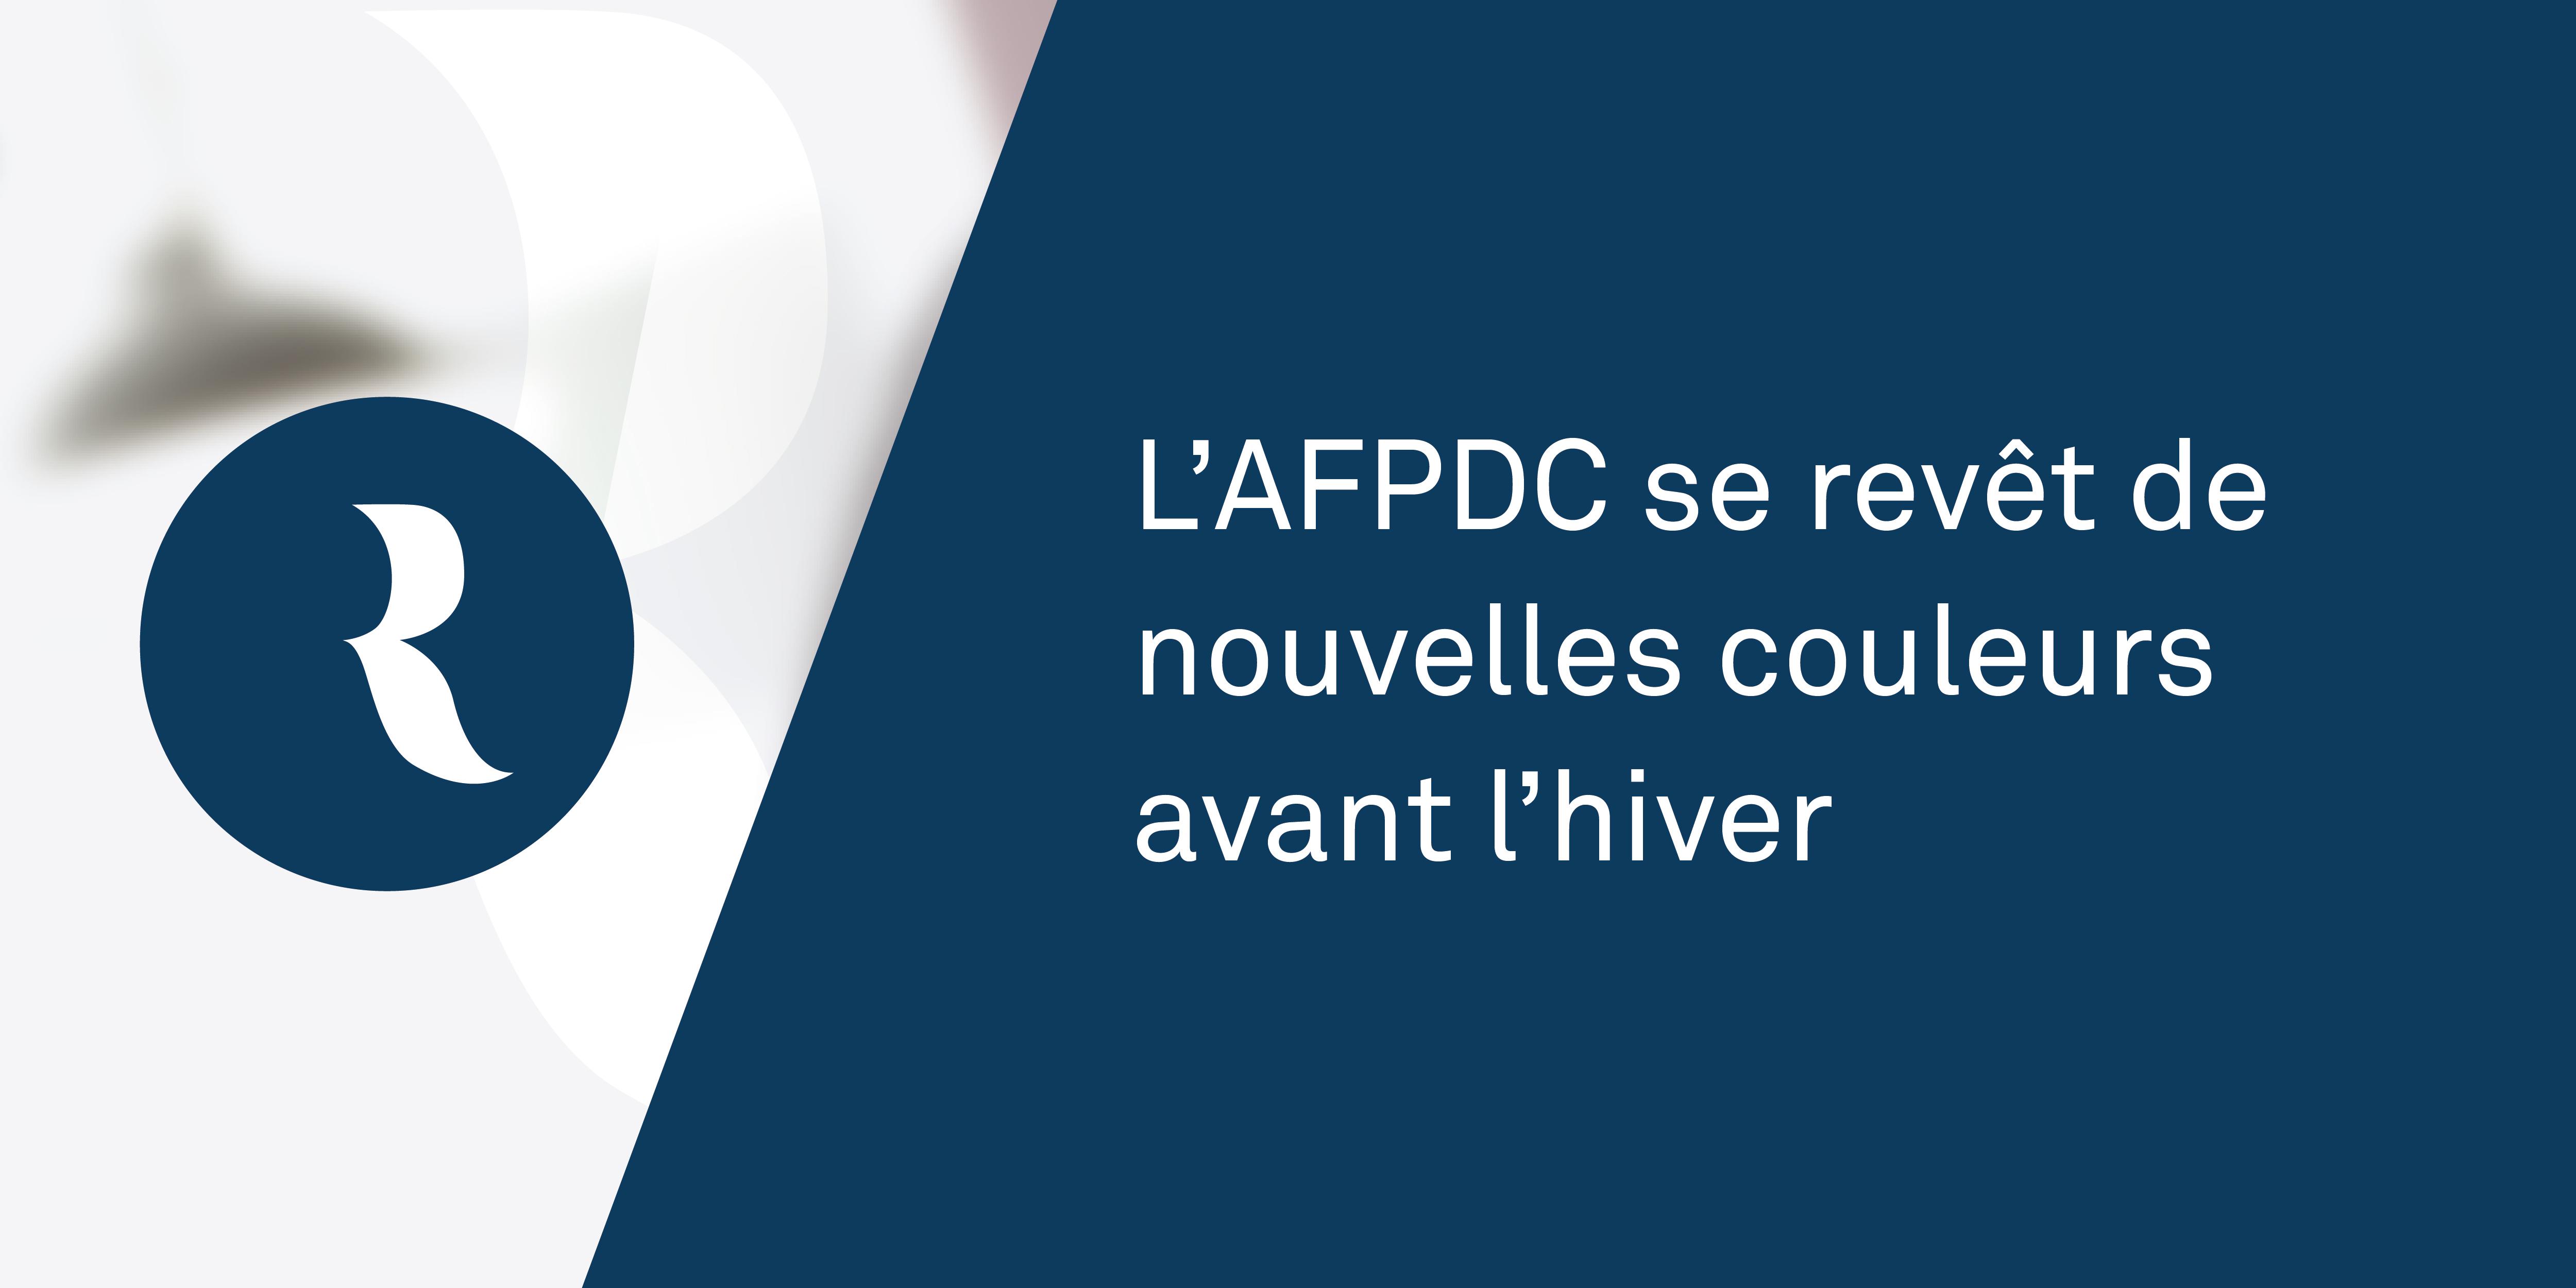 Resolutions Avocats - L'AFPDC se revêt de nouvelles couleurs avant l'hiver - Home